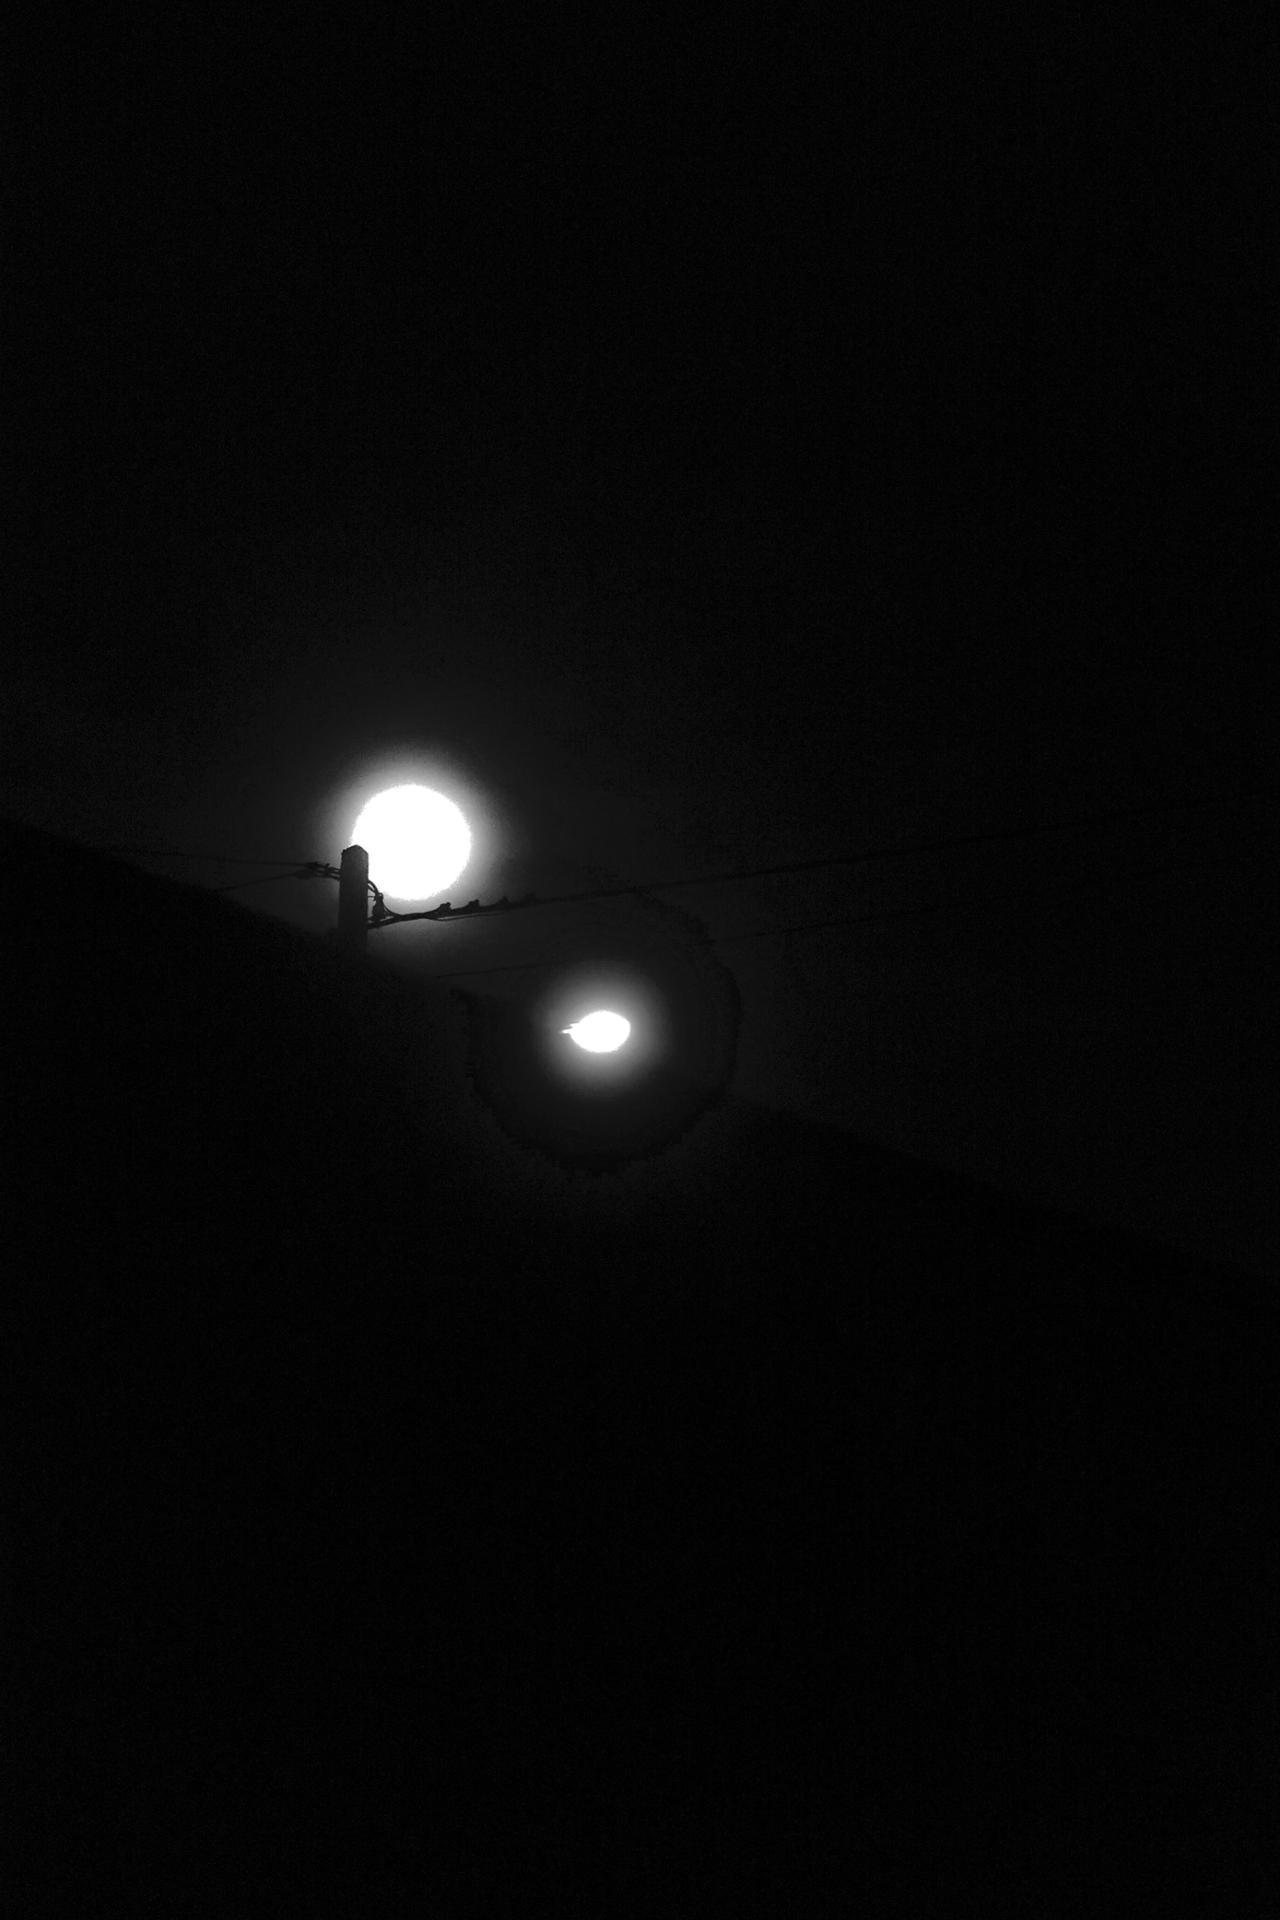 Lune électrique